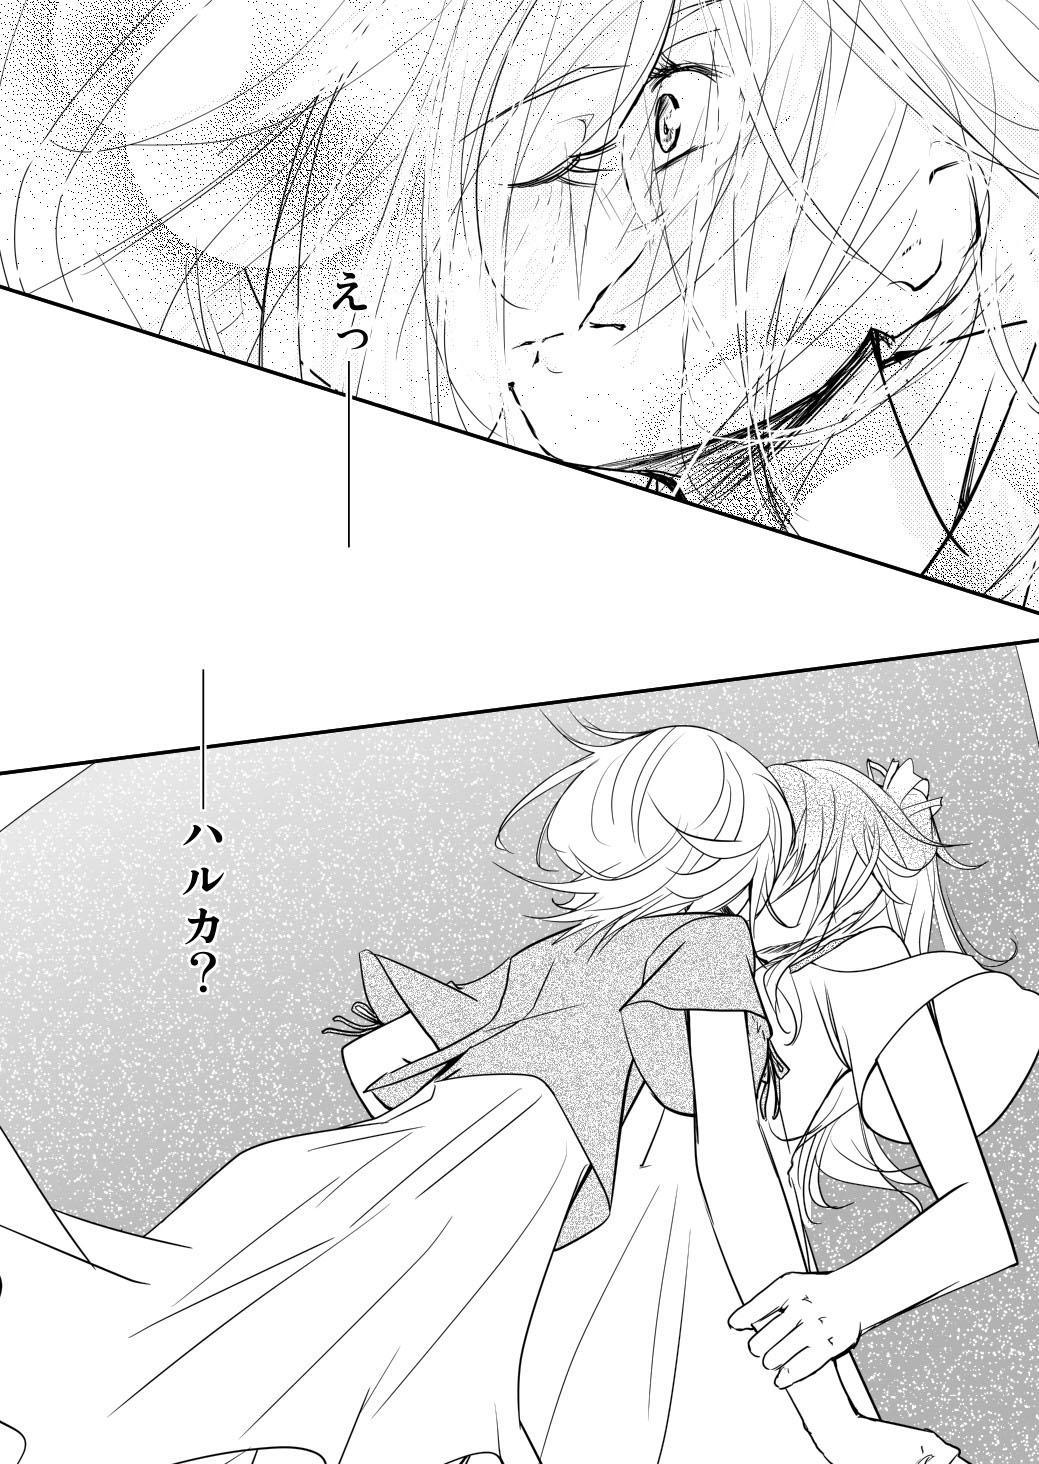 Yakusoku no Sora to Kimigaita Basho 1 ~ 2 19